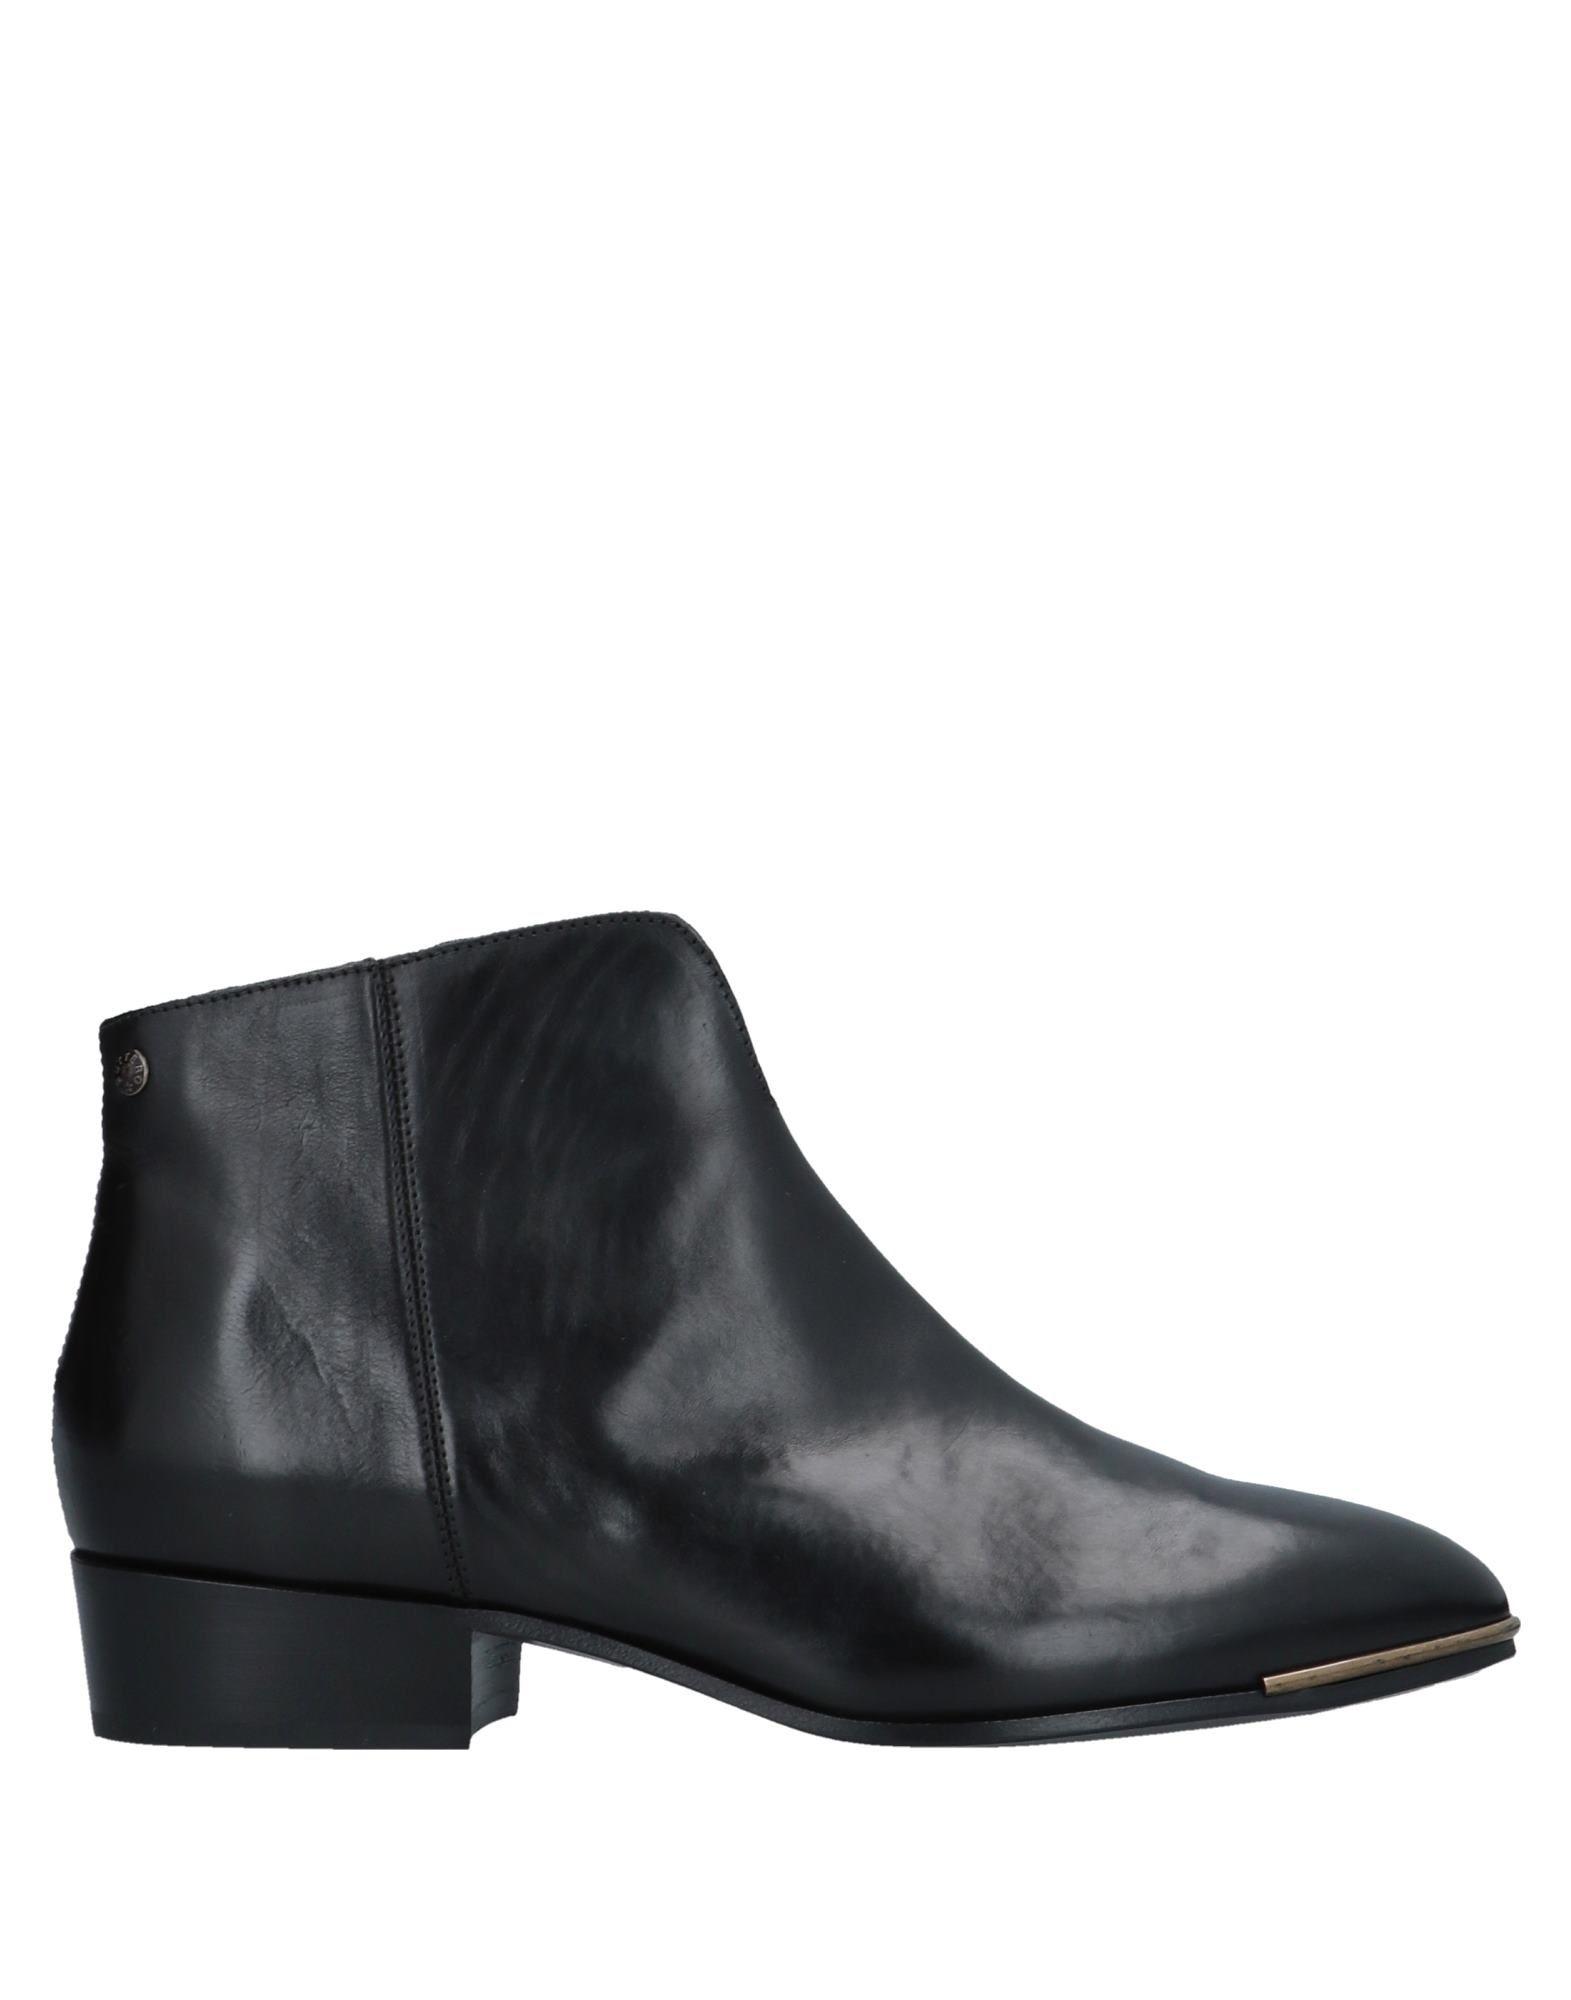 Buttero® Stiefelette Damen  11537314QTGut aussehende strapazierfähige Schuhe